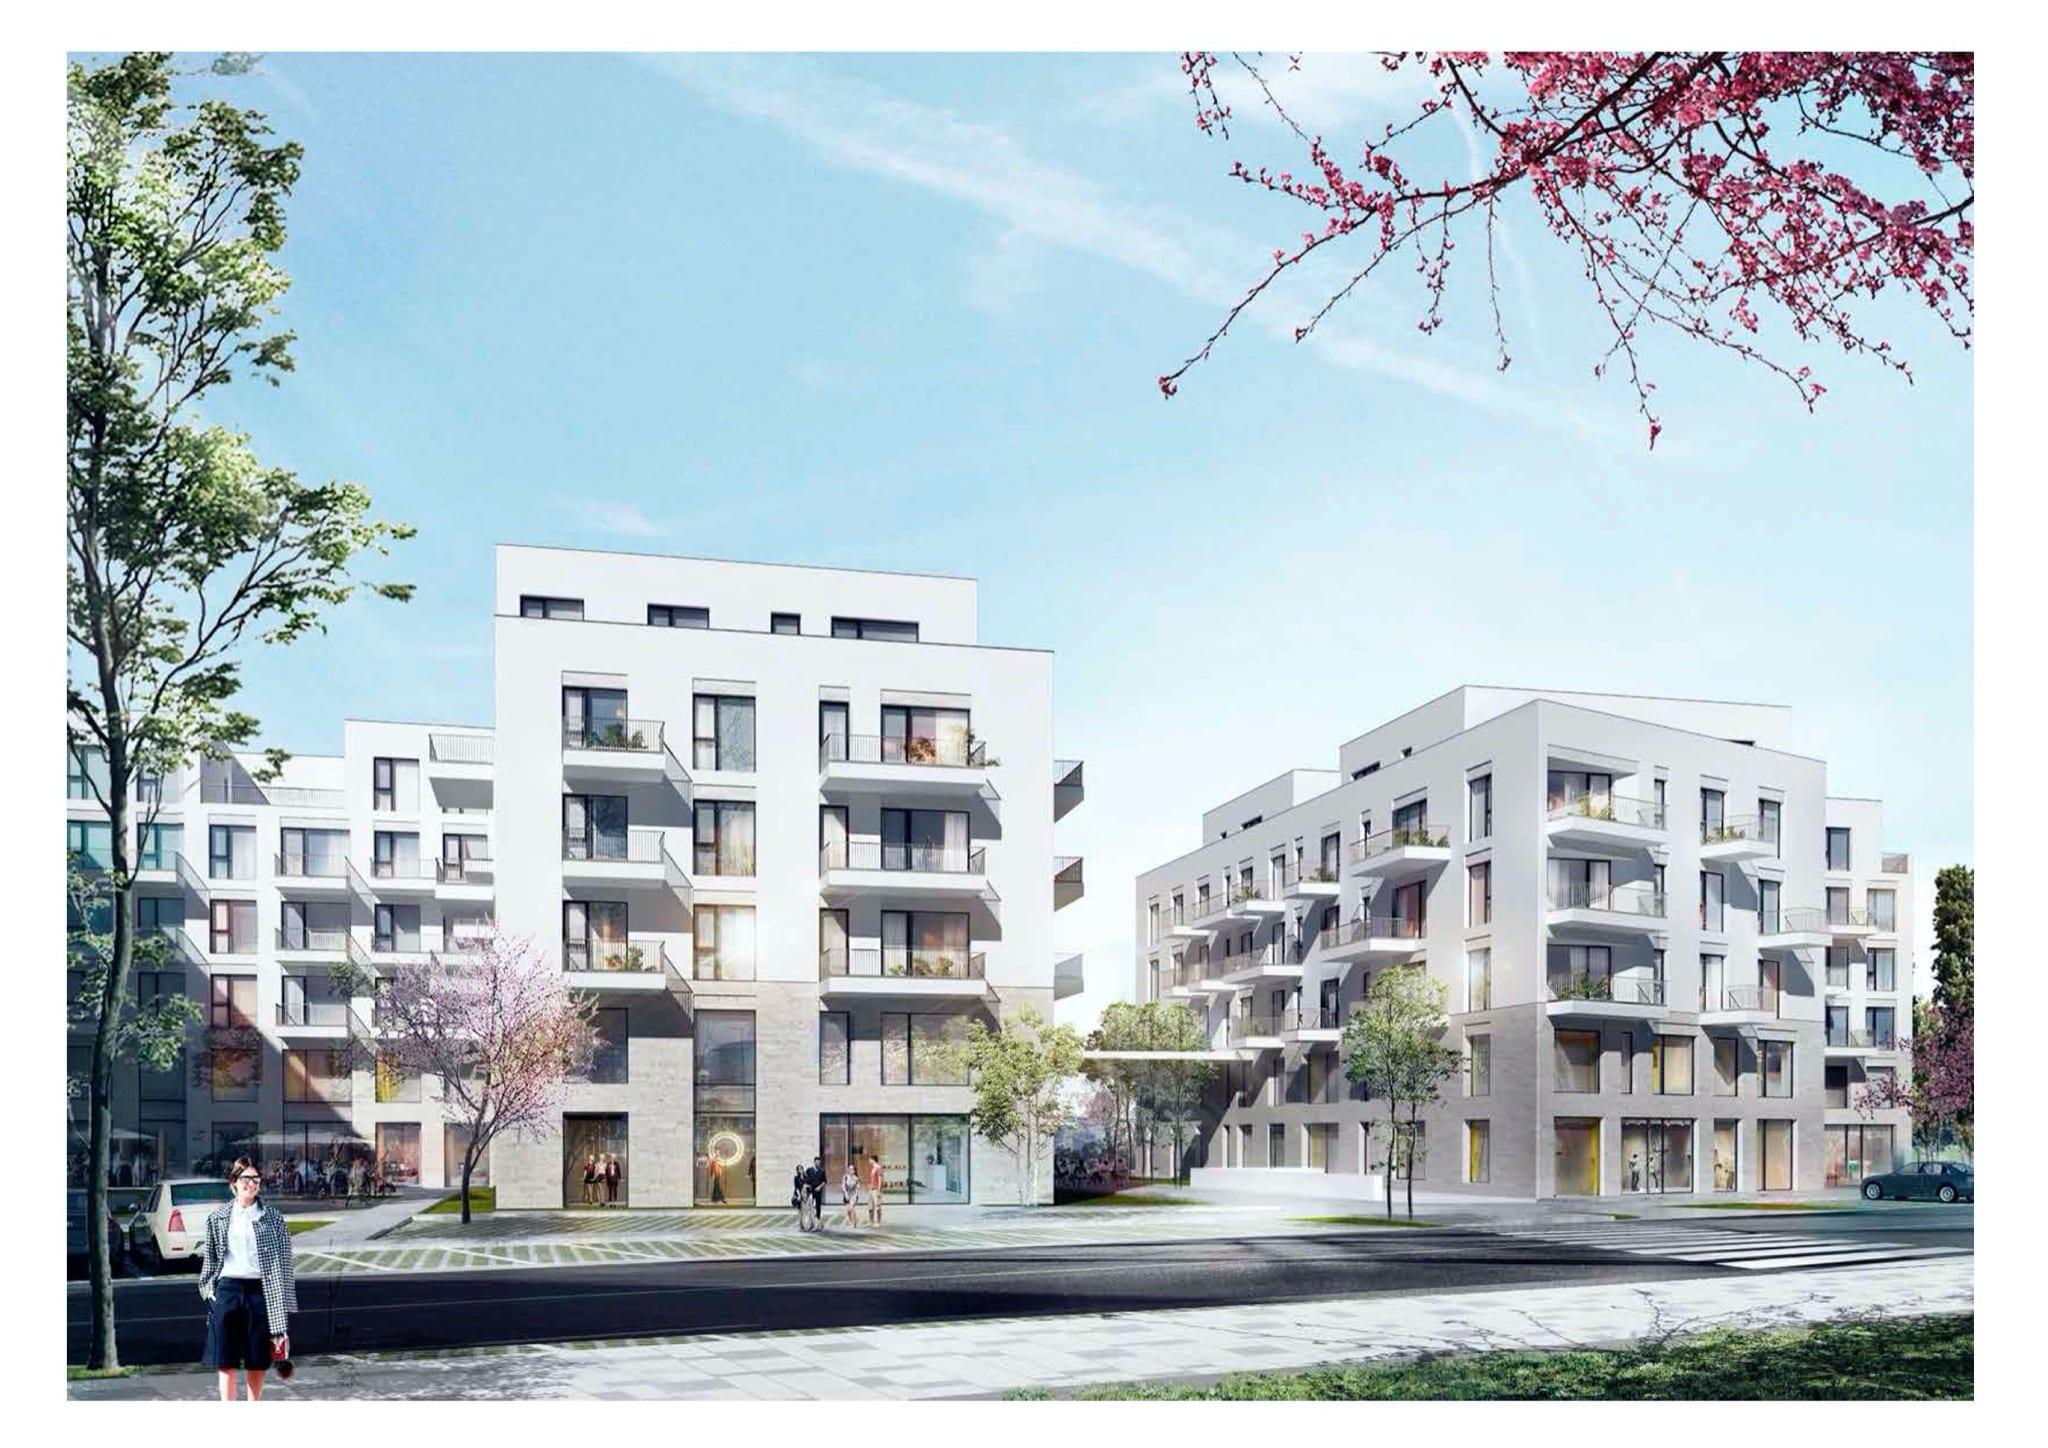 Scandia Food Project rendering copy - Nou jucător în imobiliare: Scandia Food pregătește prima sa investiție în locuințe